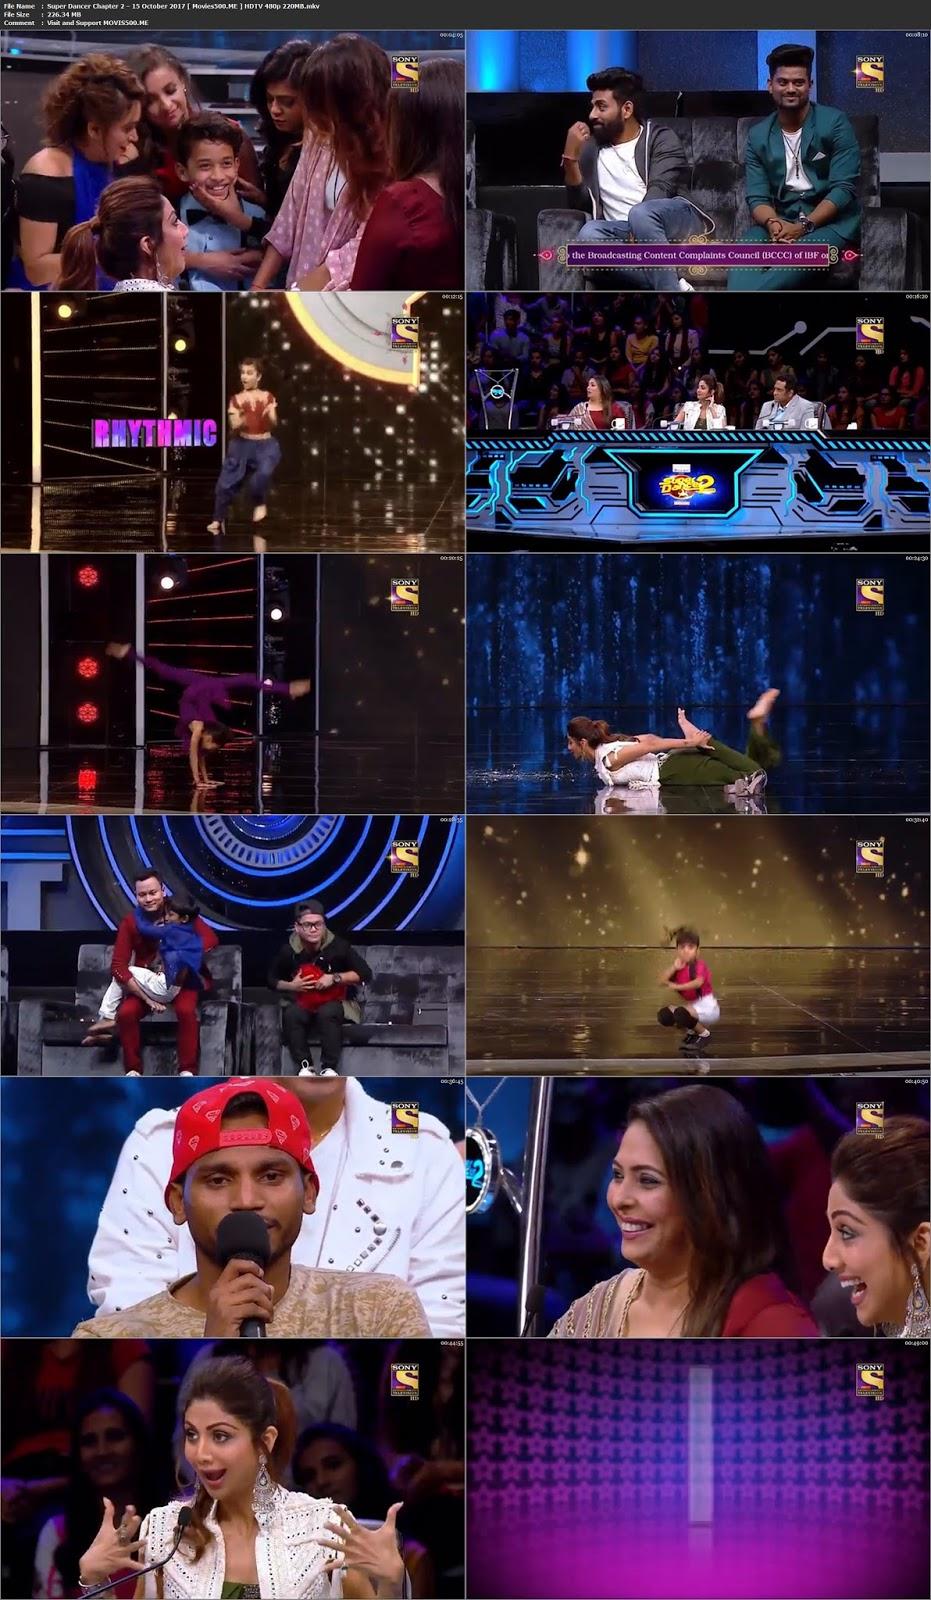 Super Dancer Chapter 2 2017 15 October 226MB HDTV 480p at createkits.com